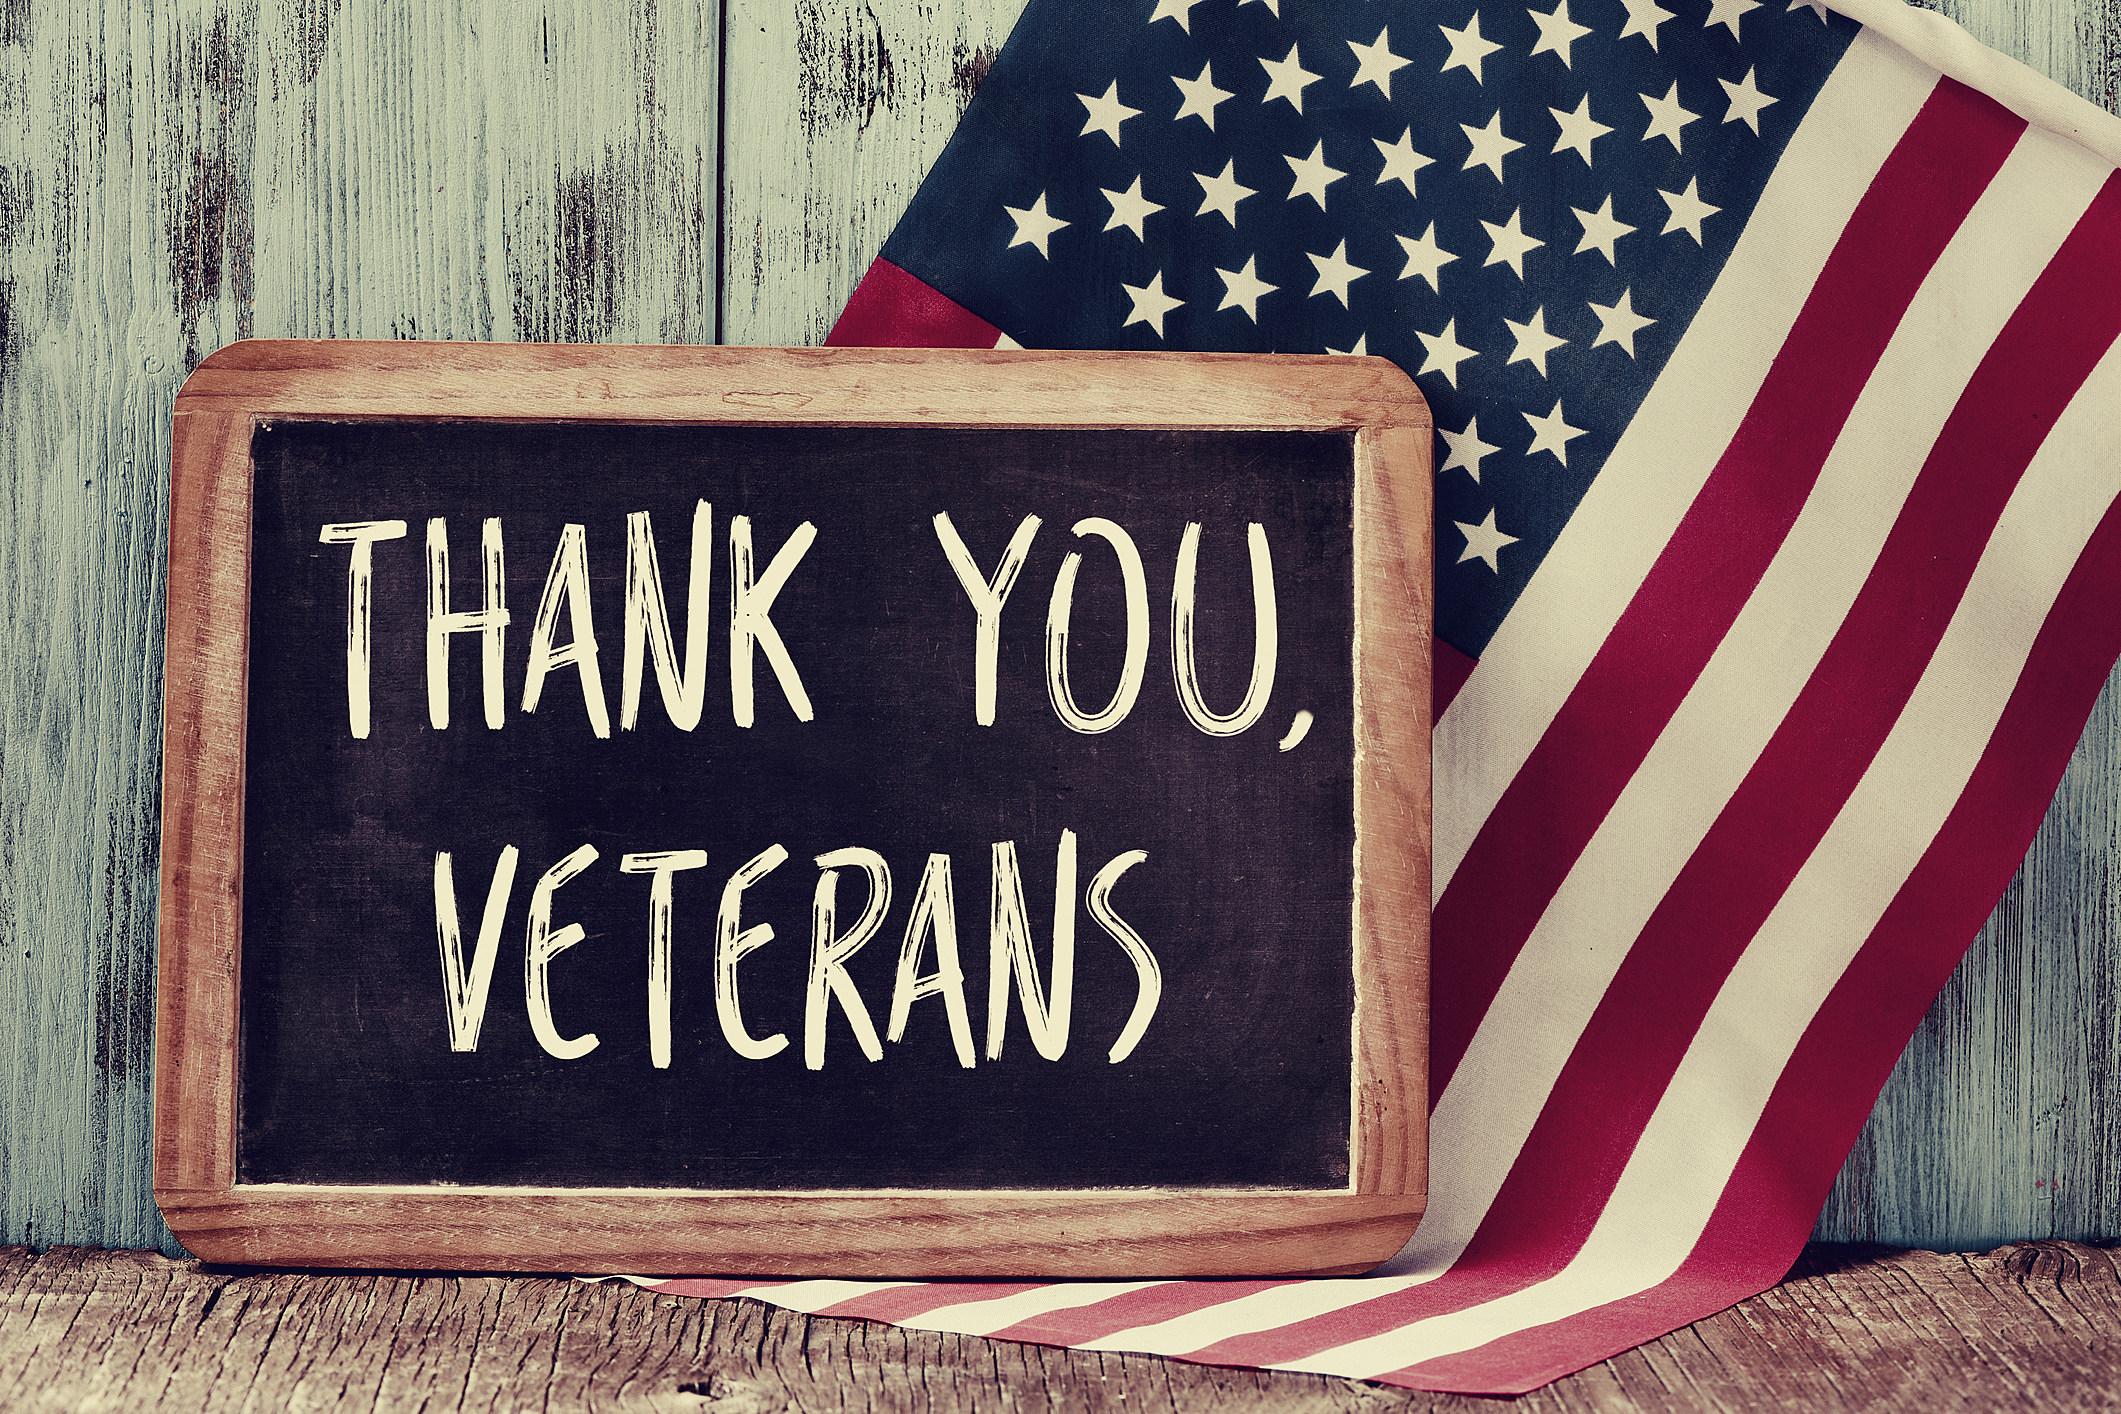 2018 Veterans Day Restaurant Specials: